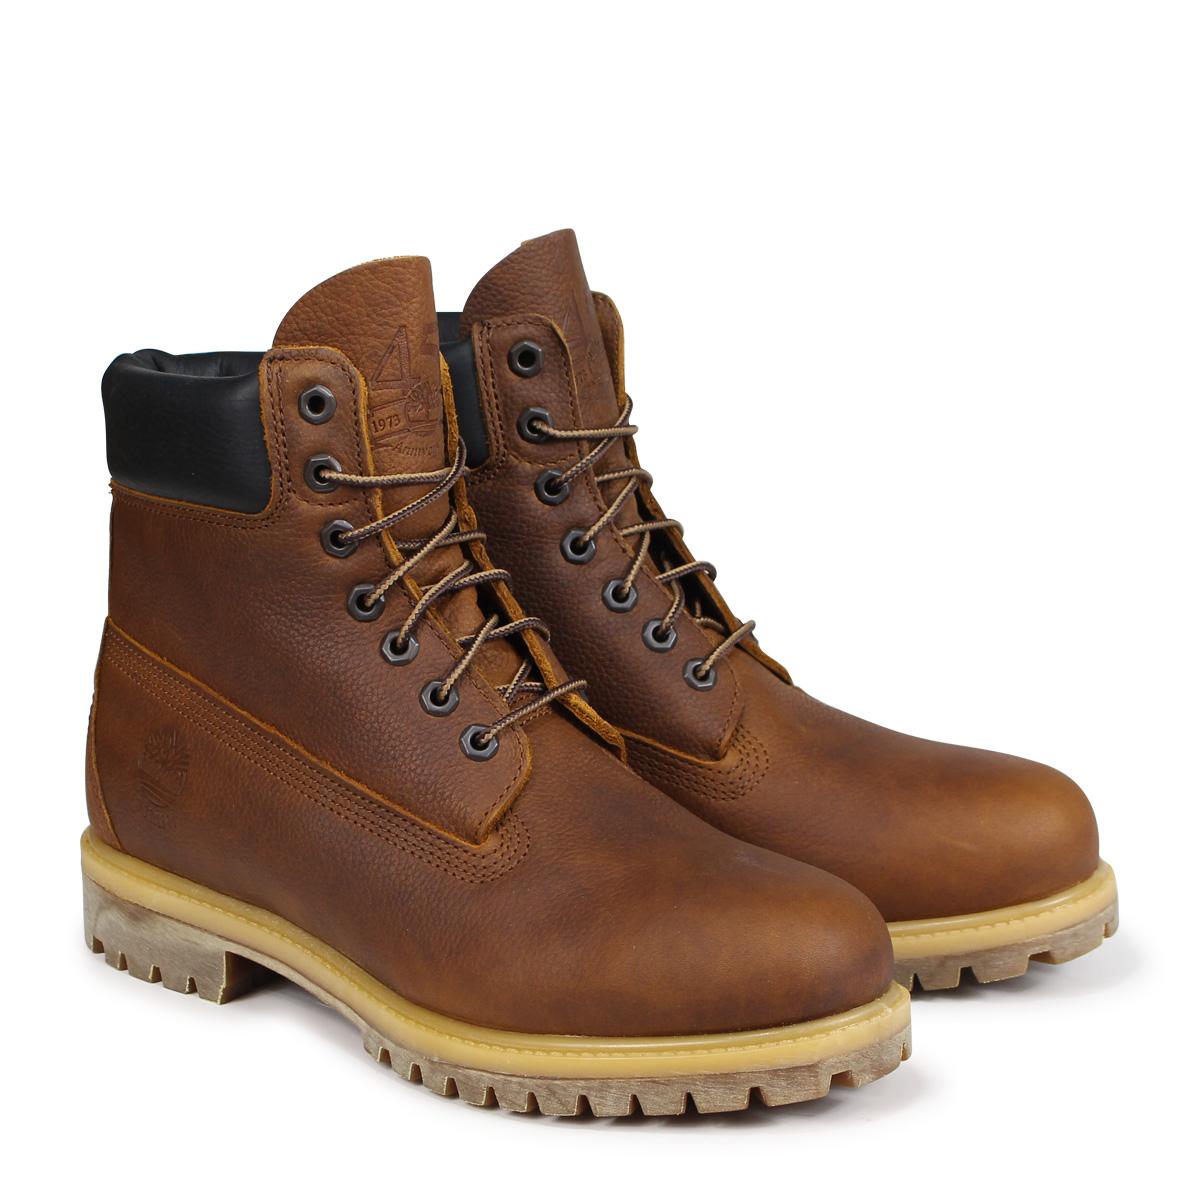 (Mens) ブーツ ヘリテージ シックスインチ (Timberland) プレミアム ティンバーランド A1VXW